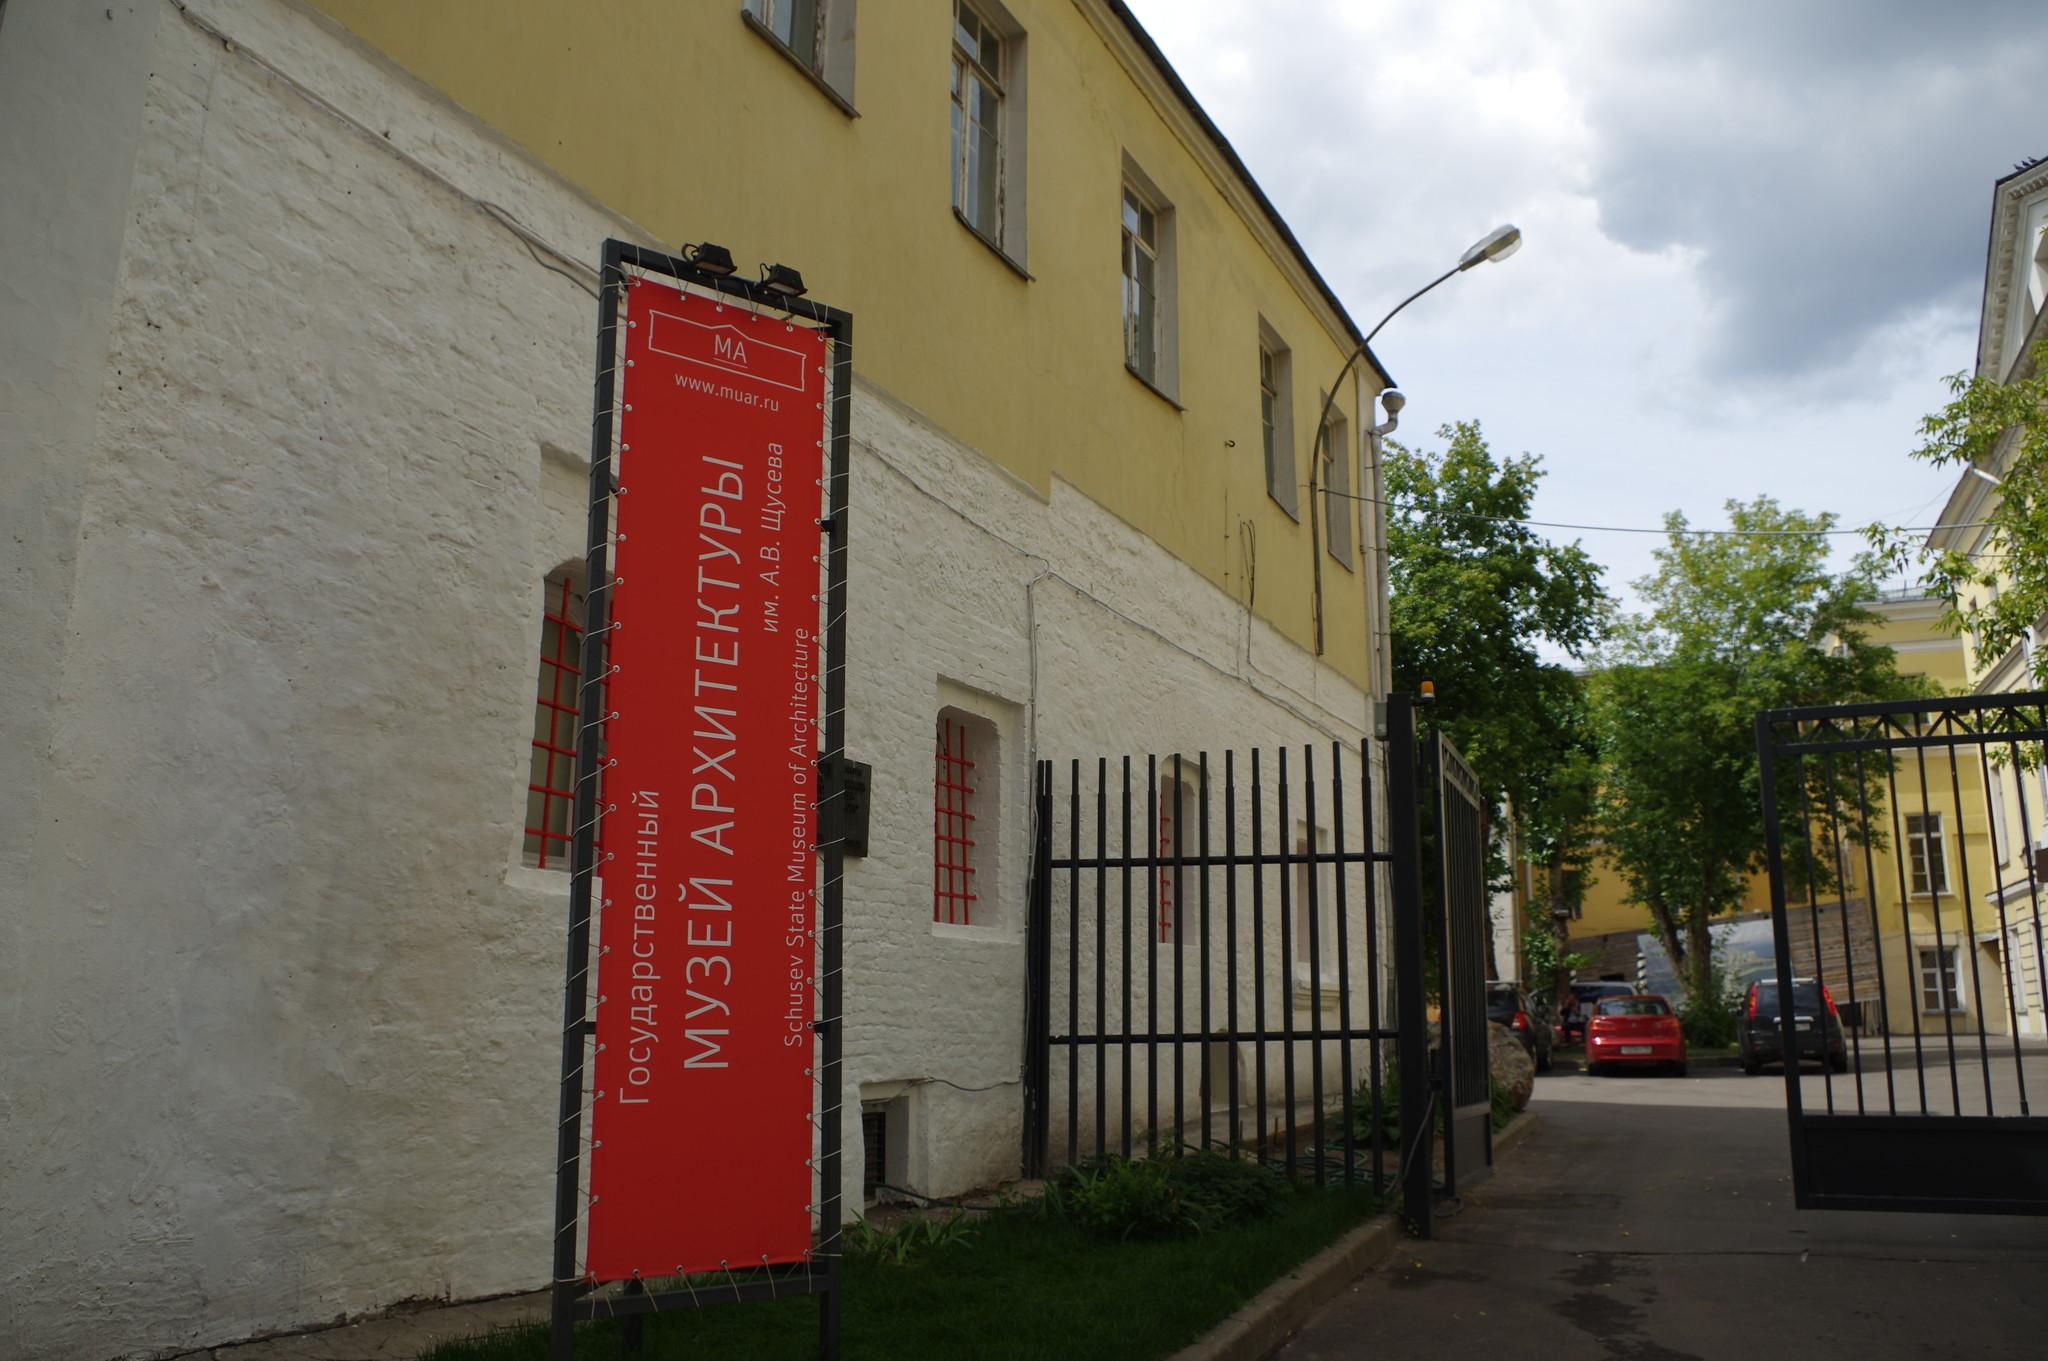 Государственный научно-исследовательский музей архитектуры имени А.В. Щусева